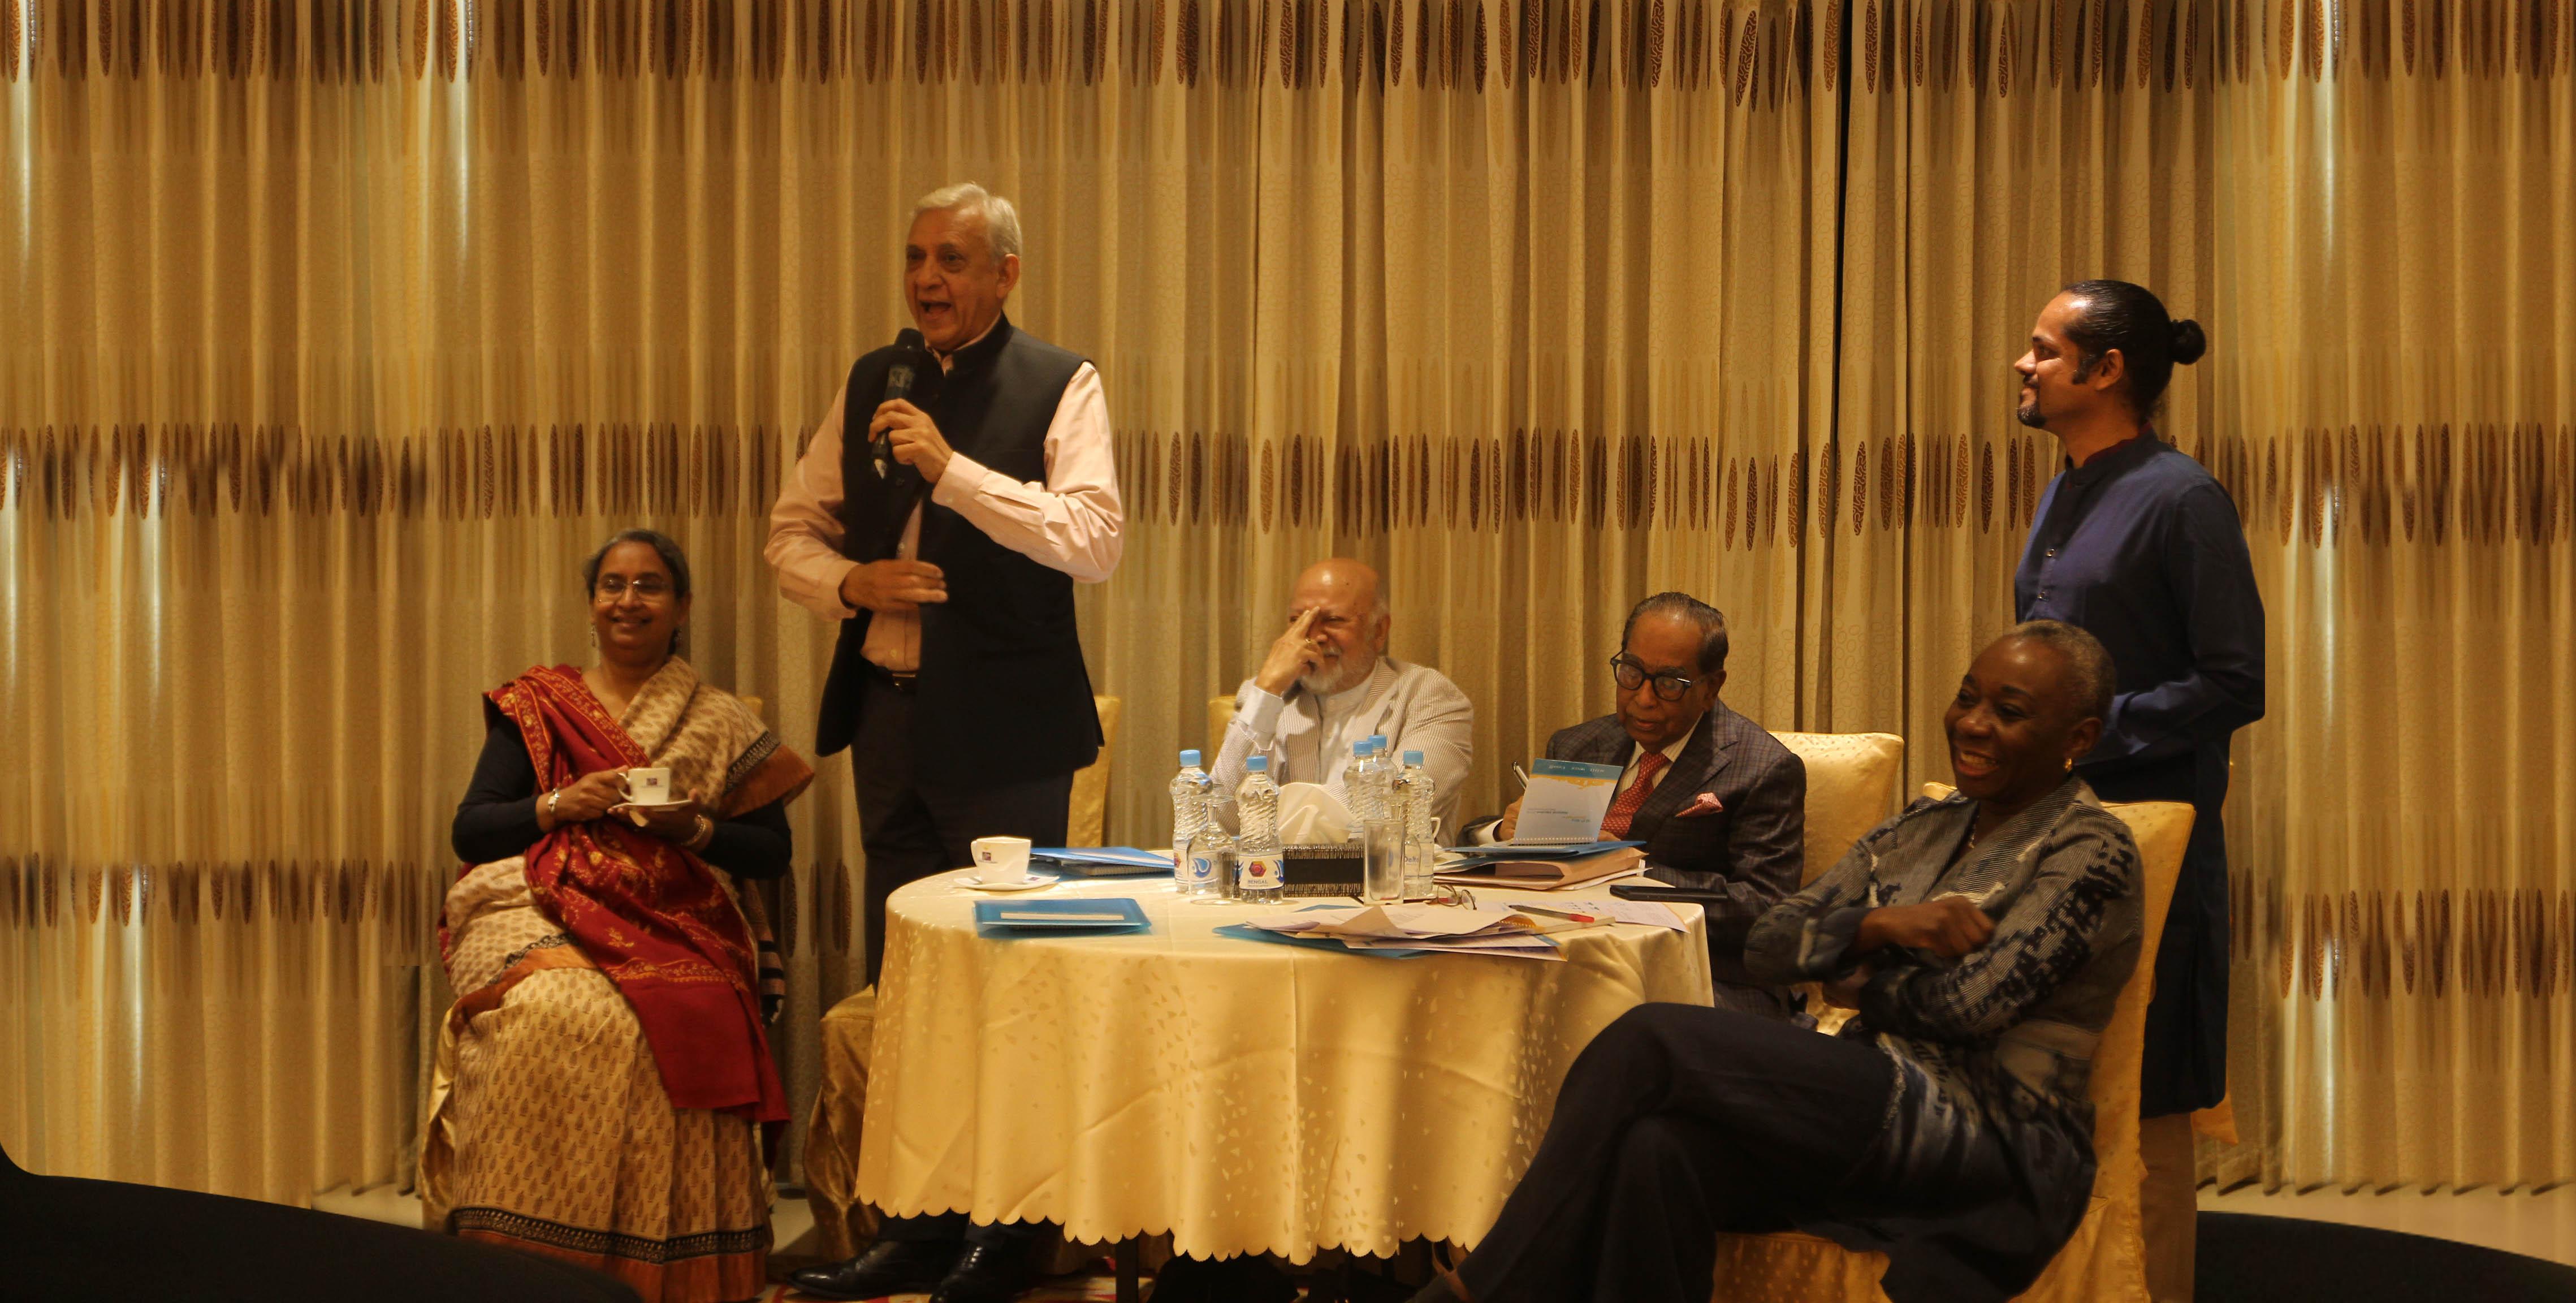 Election to impact Bangladesh's Global Branding